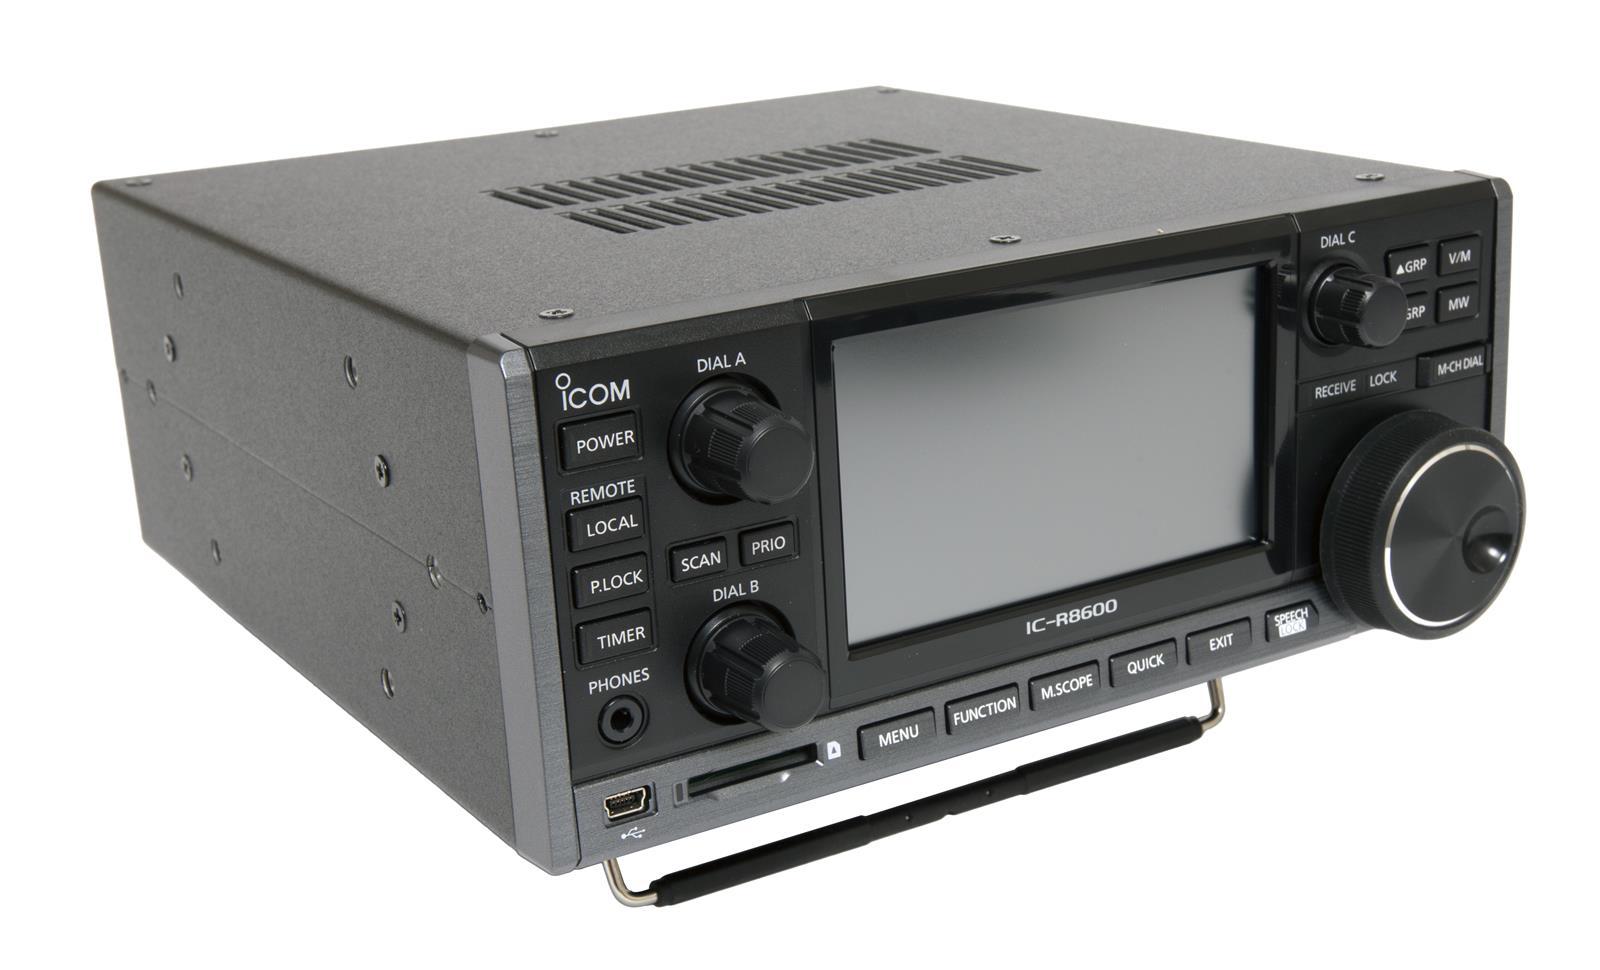 ICOM IC-R8600 Communications Receivers R8600 04